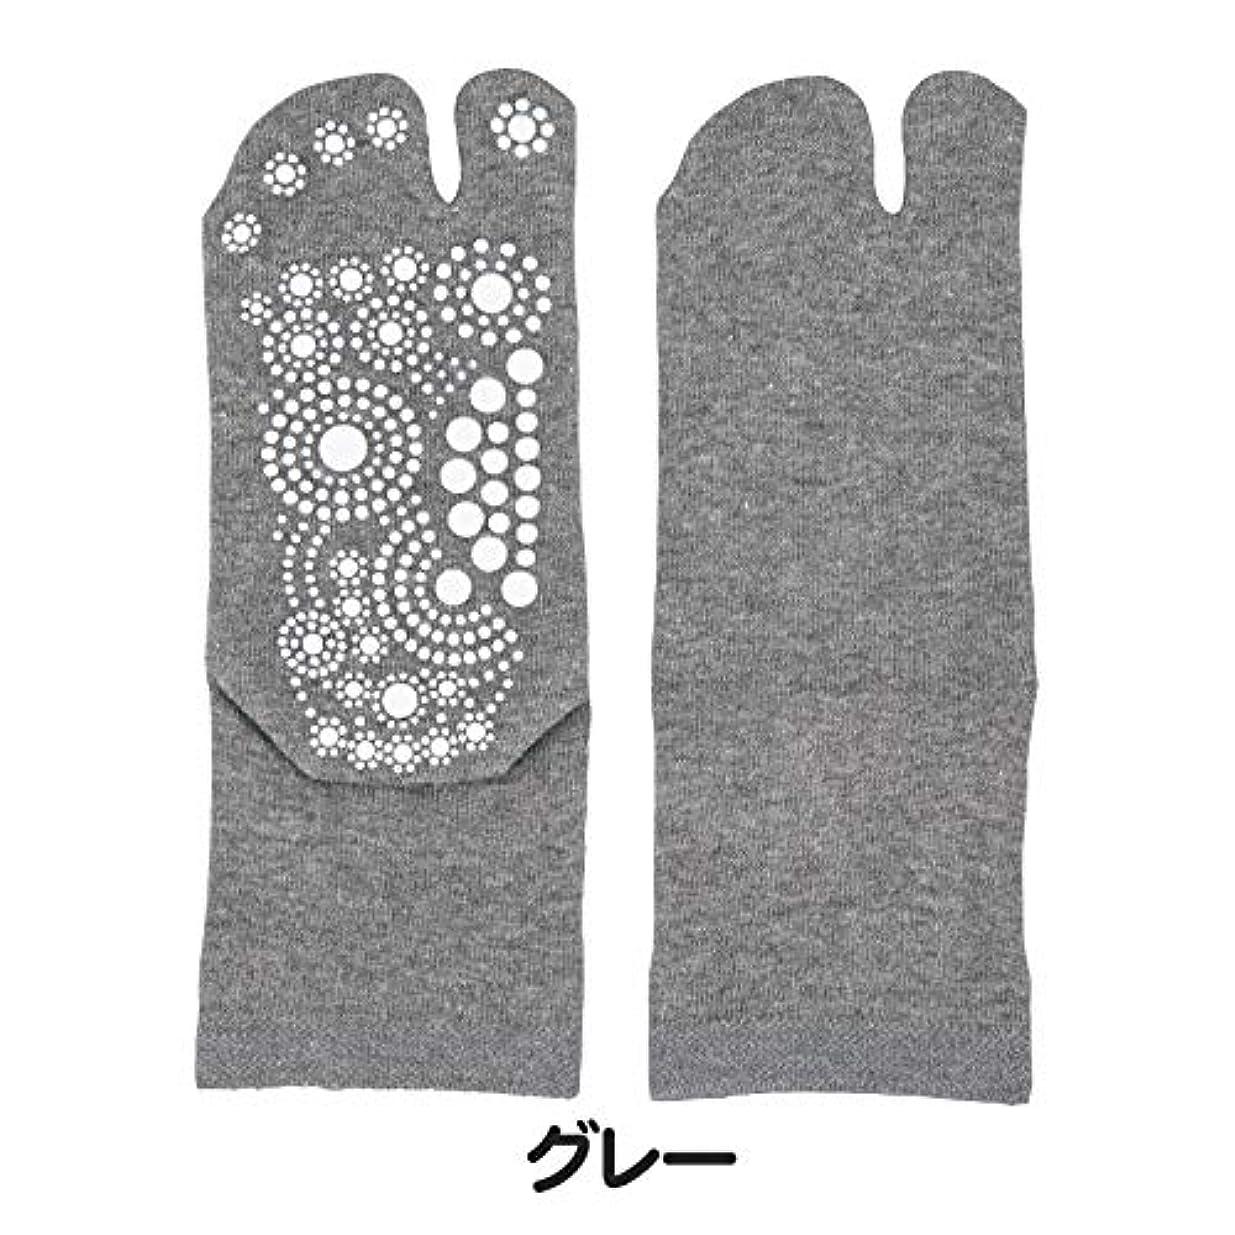 リマ脊椎症候群足つぼ 足袋ソックス グレー 22-25cm